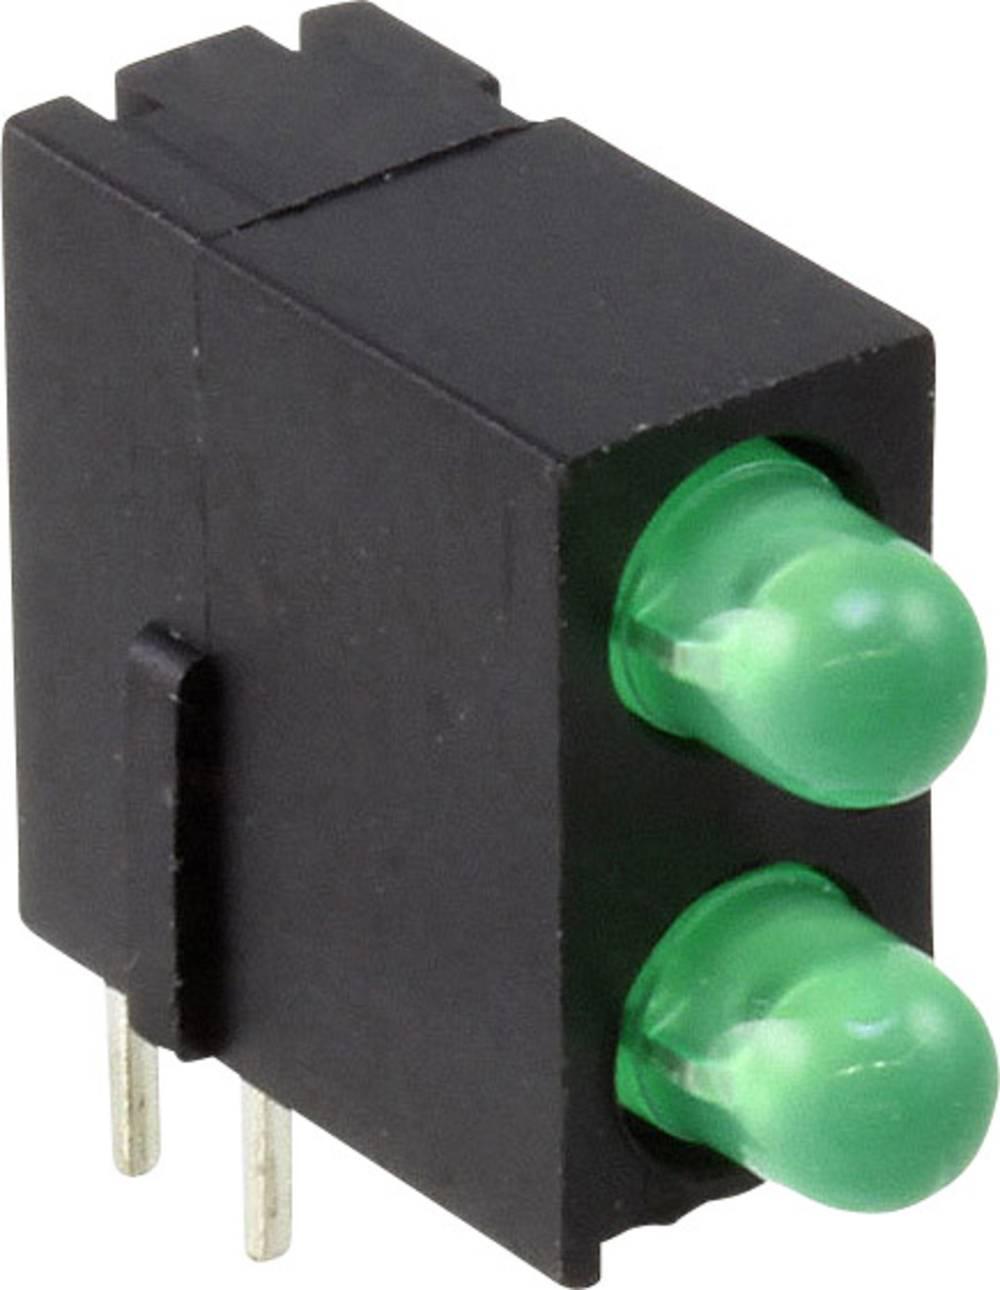 LED-komponent Dialight (L x B x H) 13.4 x 13.35 x 5 mm Grøn